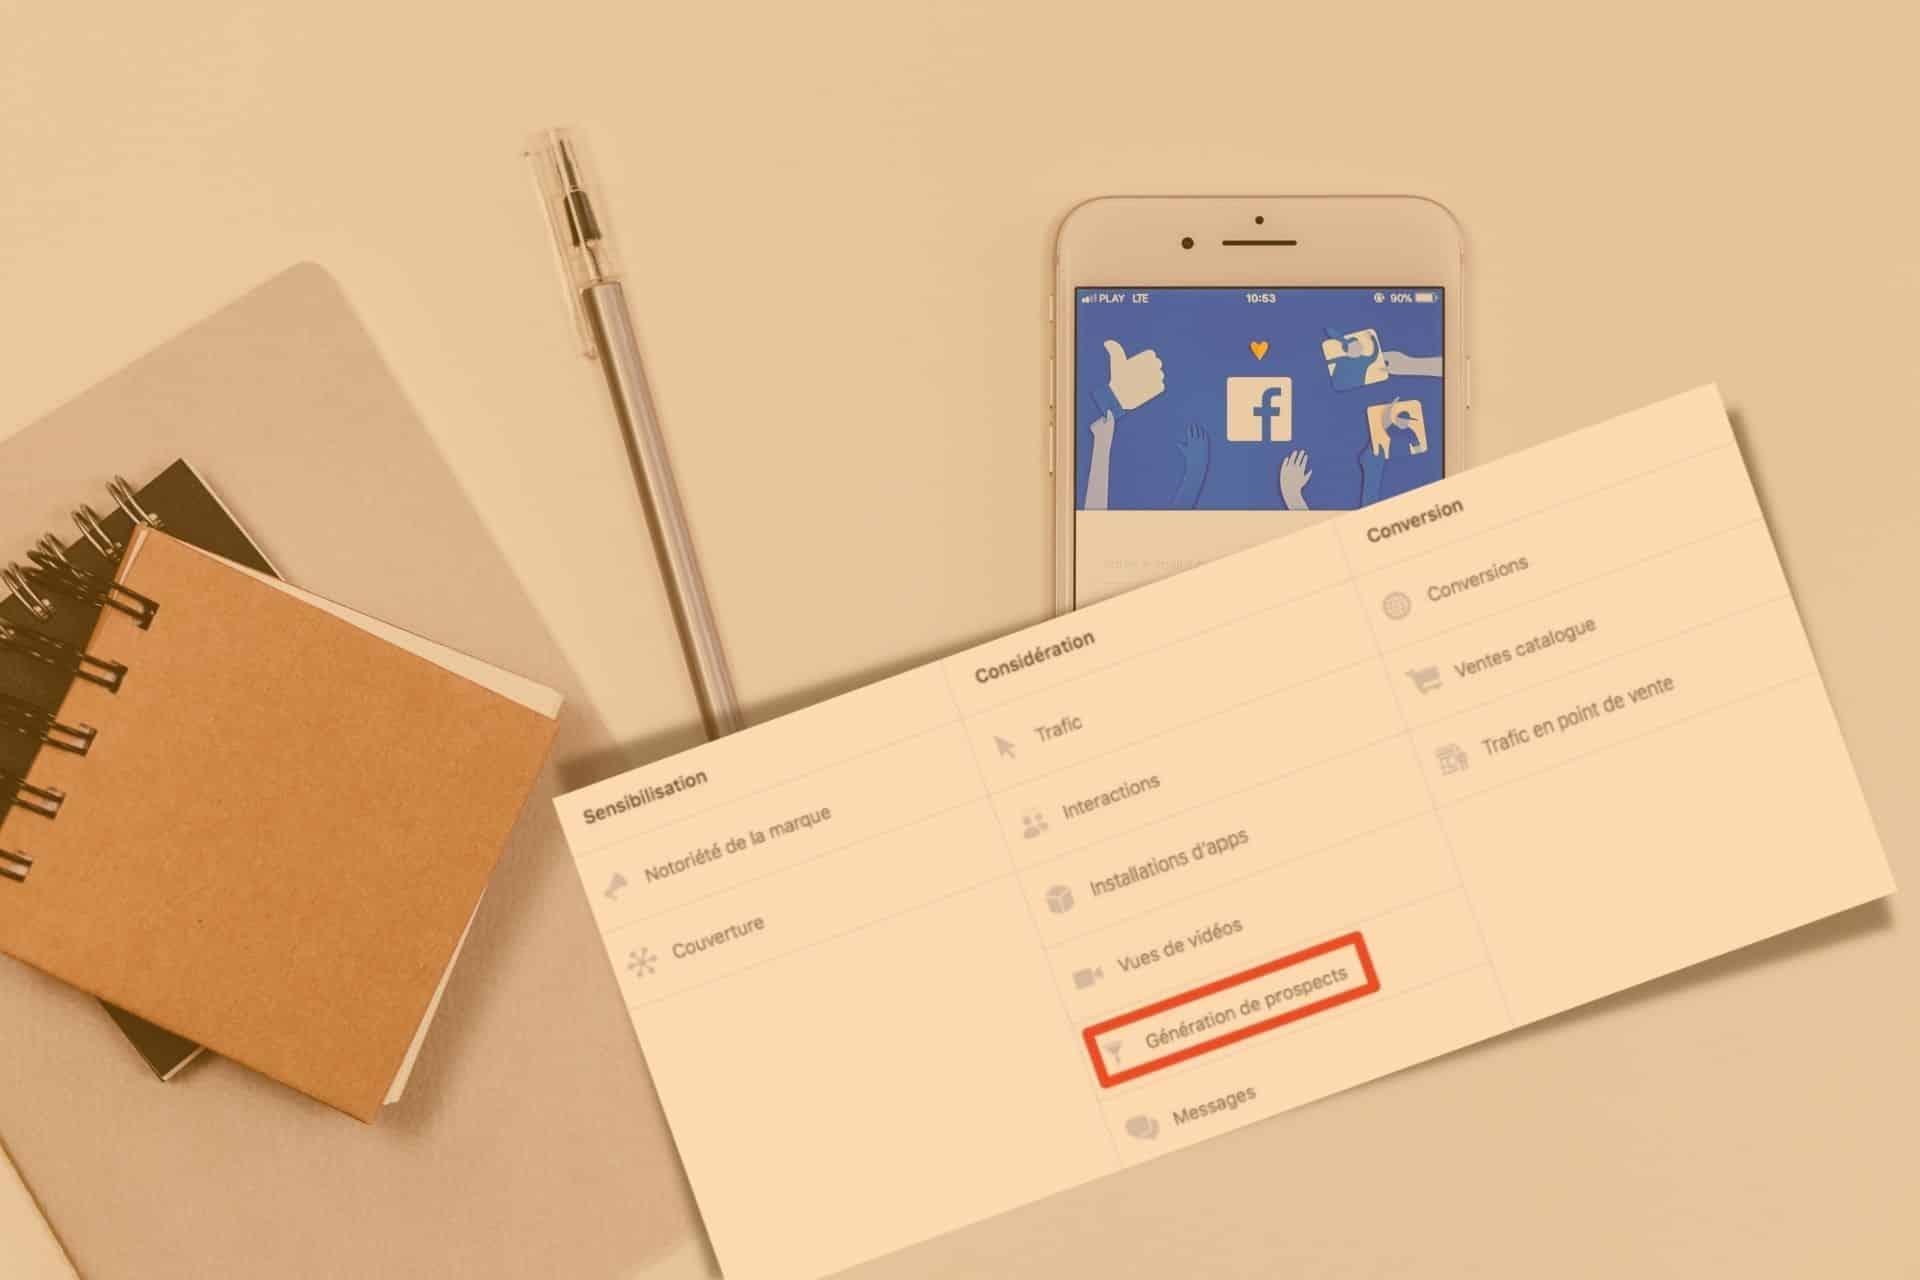 traiter les prospects générer par les campagnes lead generation facebook